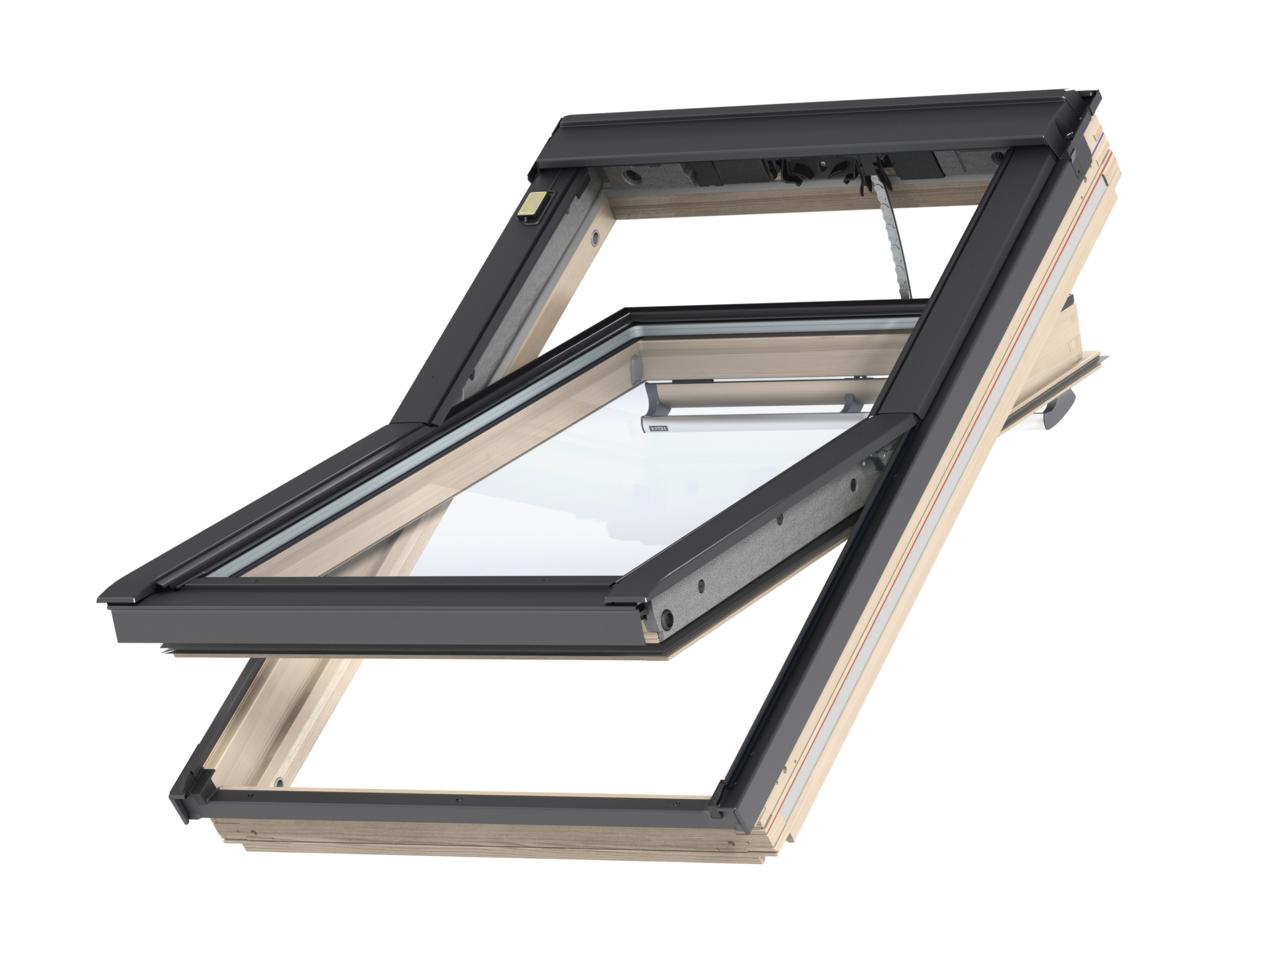 VELUX Elektricky ovládané okno GGL 306621 Integra rozměr: CK02 55x78 cm